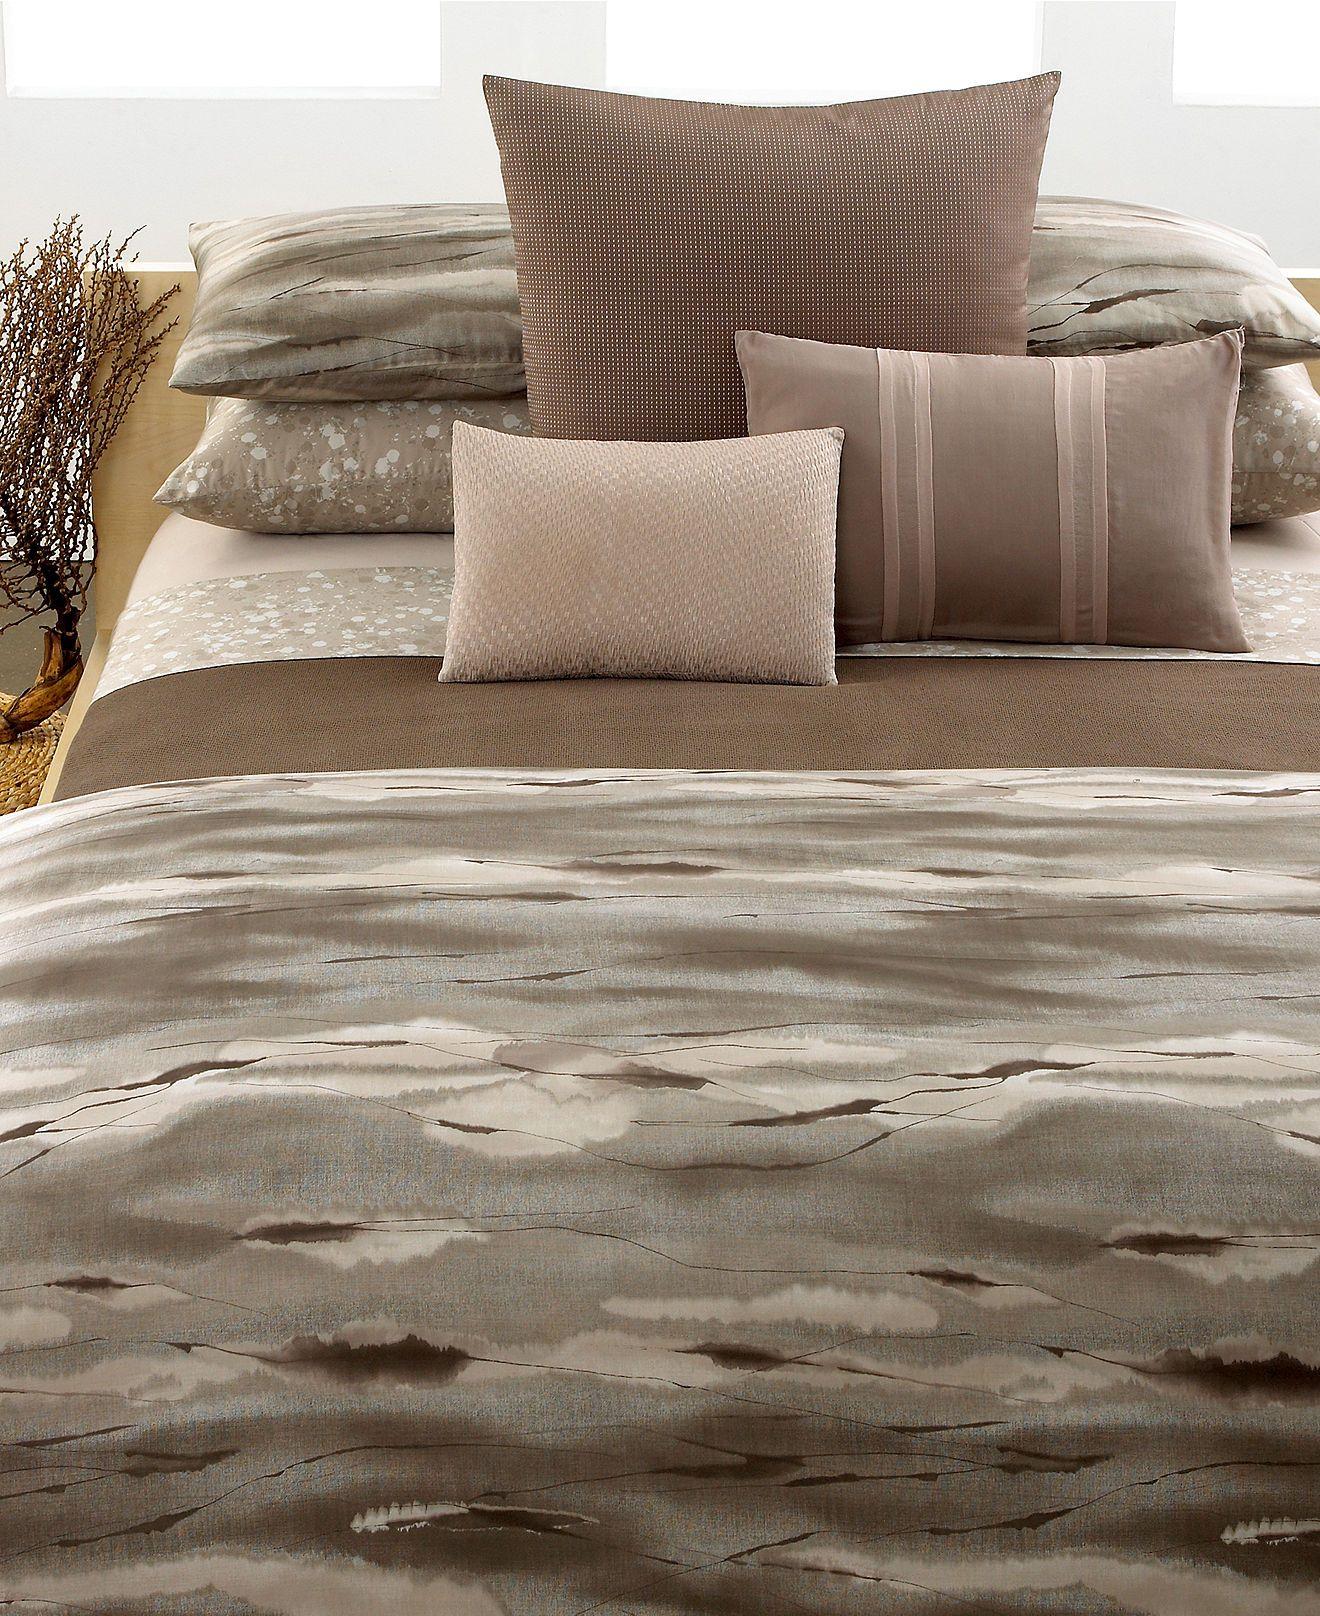 calvin klein home bedding tanzania collection sale bedding collections bed u0026 bath macyu0027s